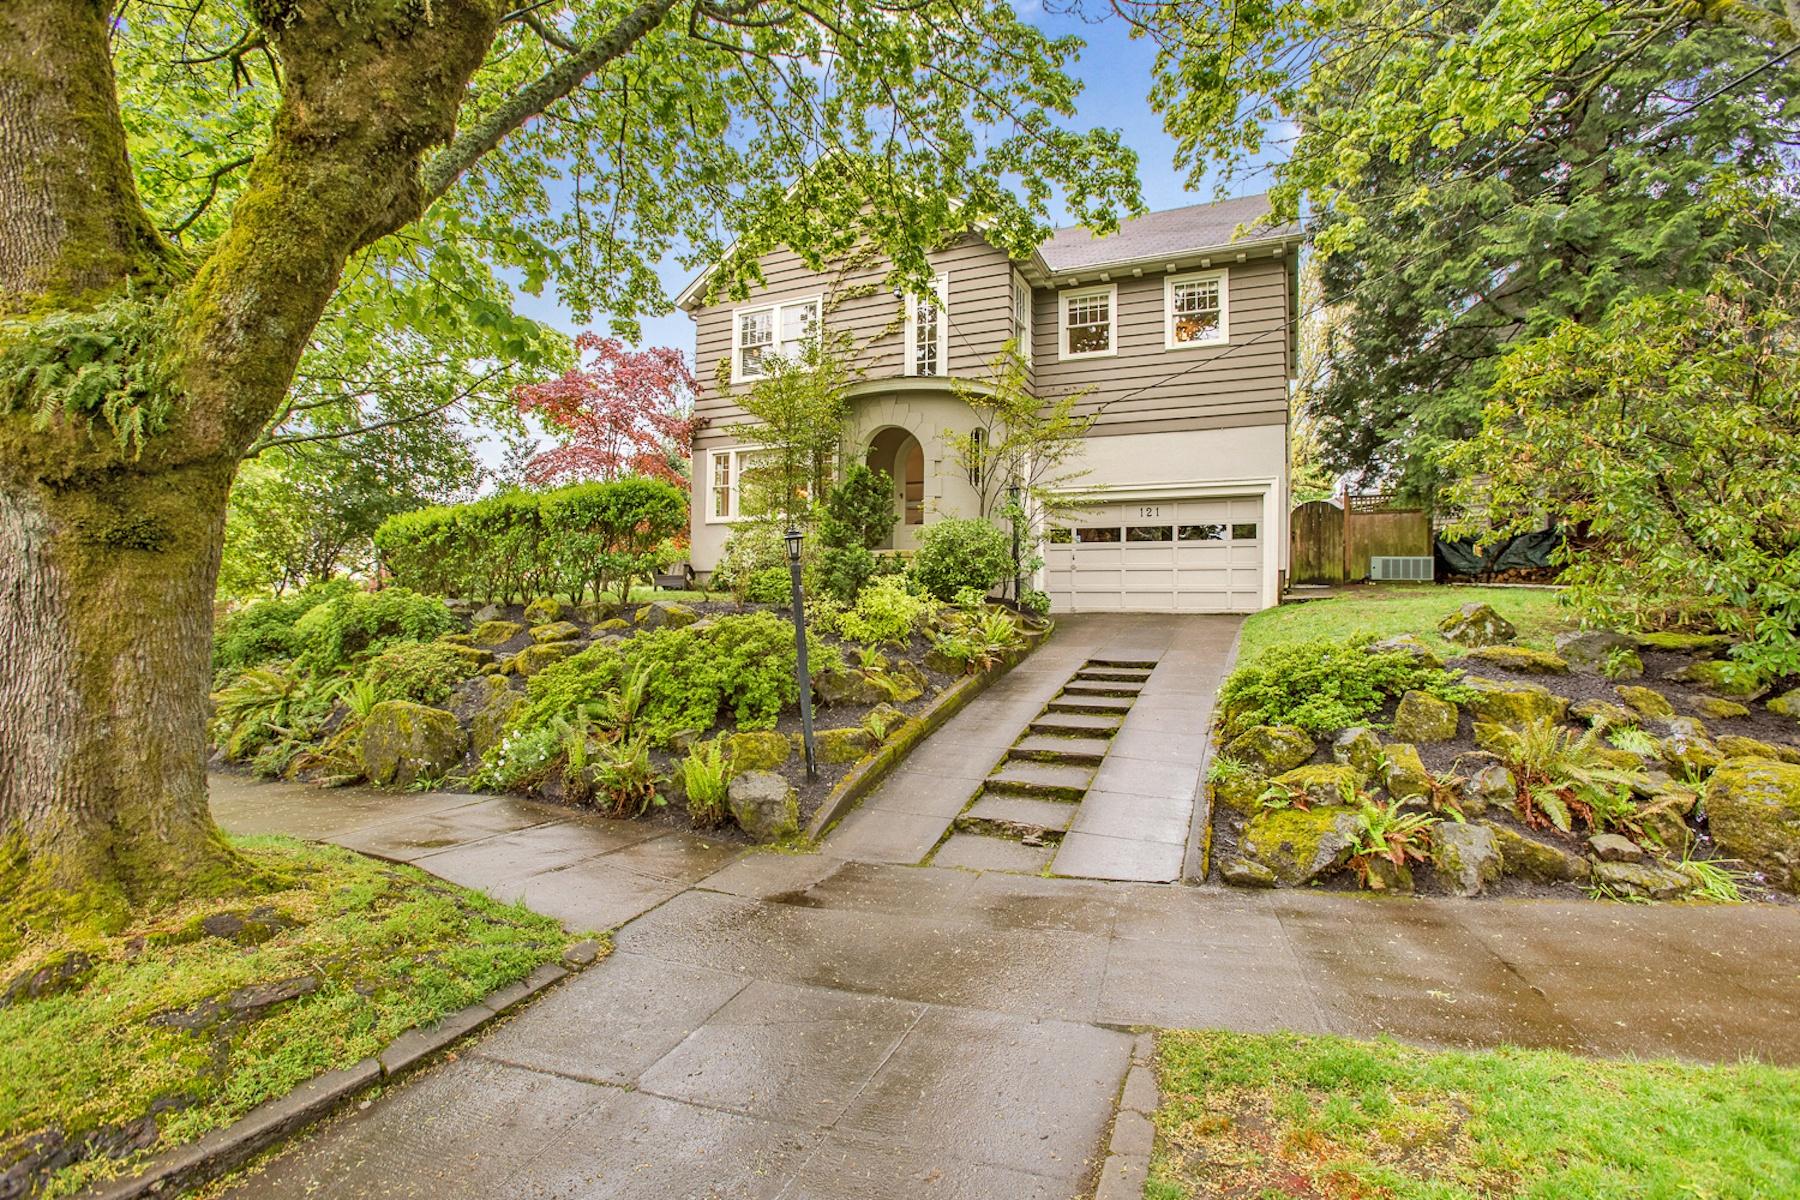 独户住宅 为 销售 在 121 NE LAURELHURST, PORTLAND 121 NE LAURELHURST Pl 波特兰, 俄勒冈州, 97232 美国